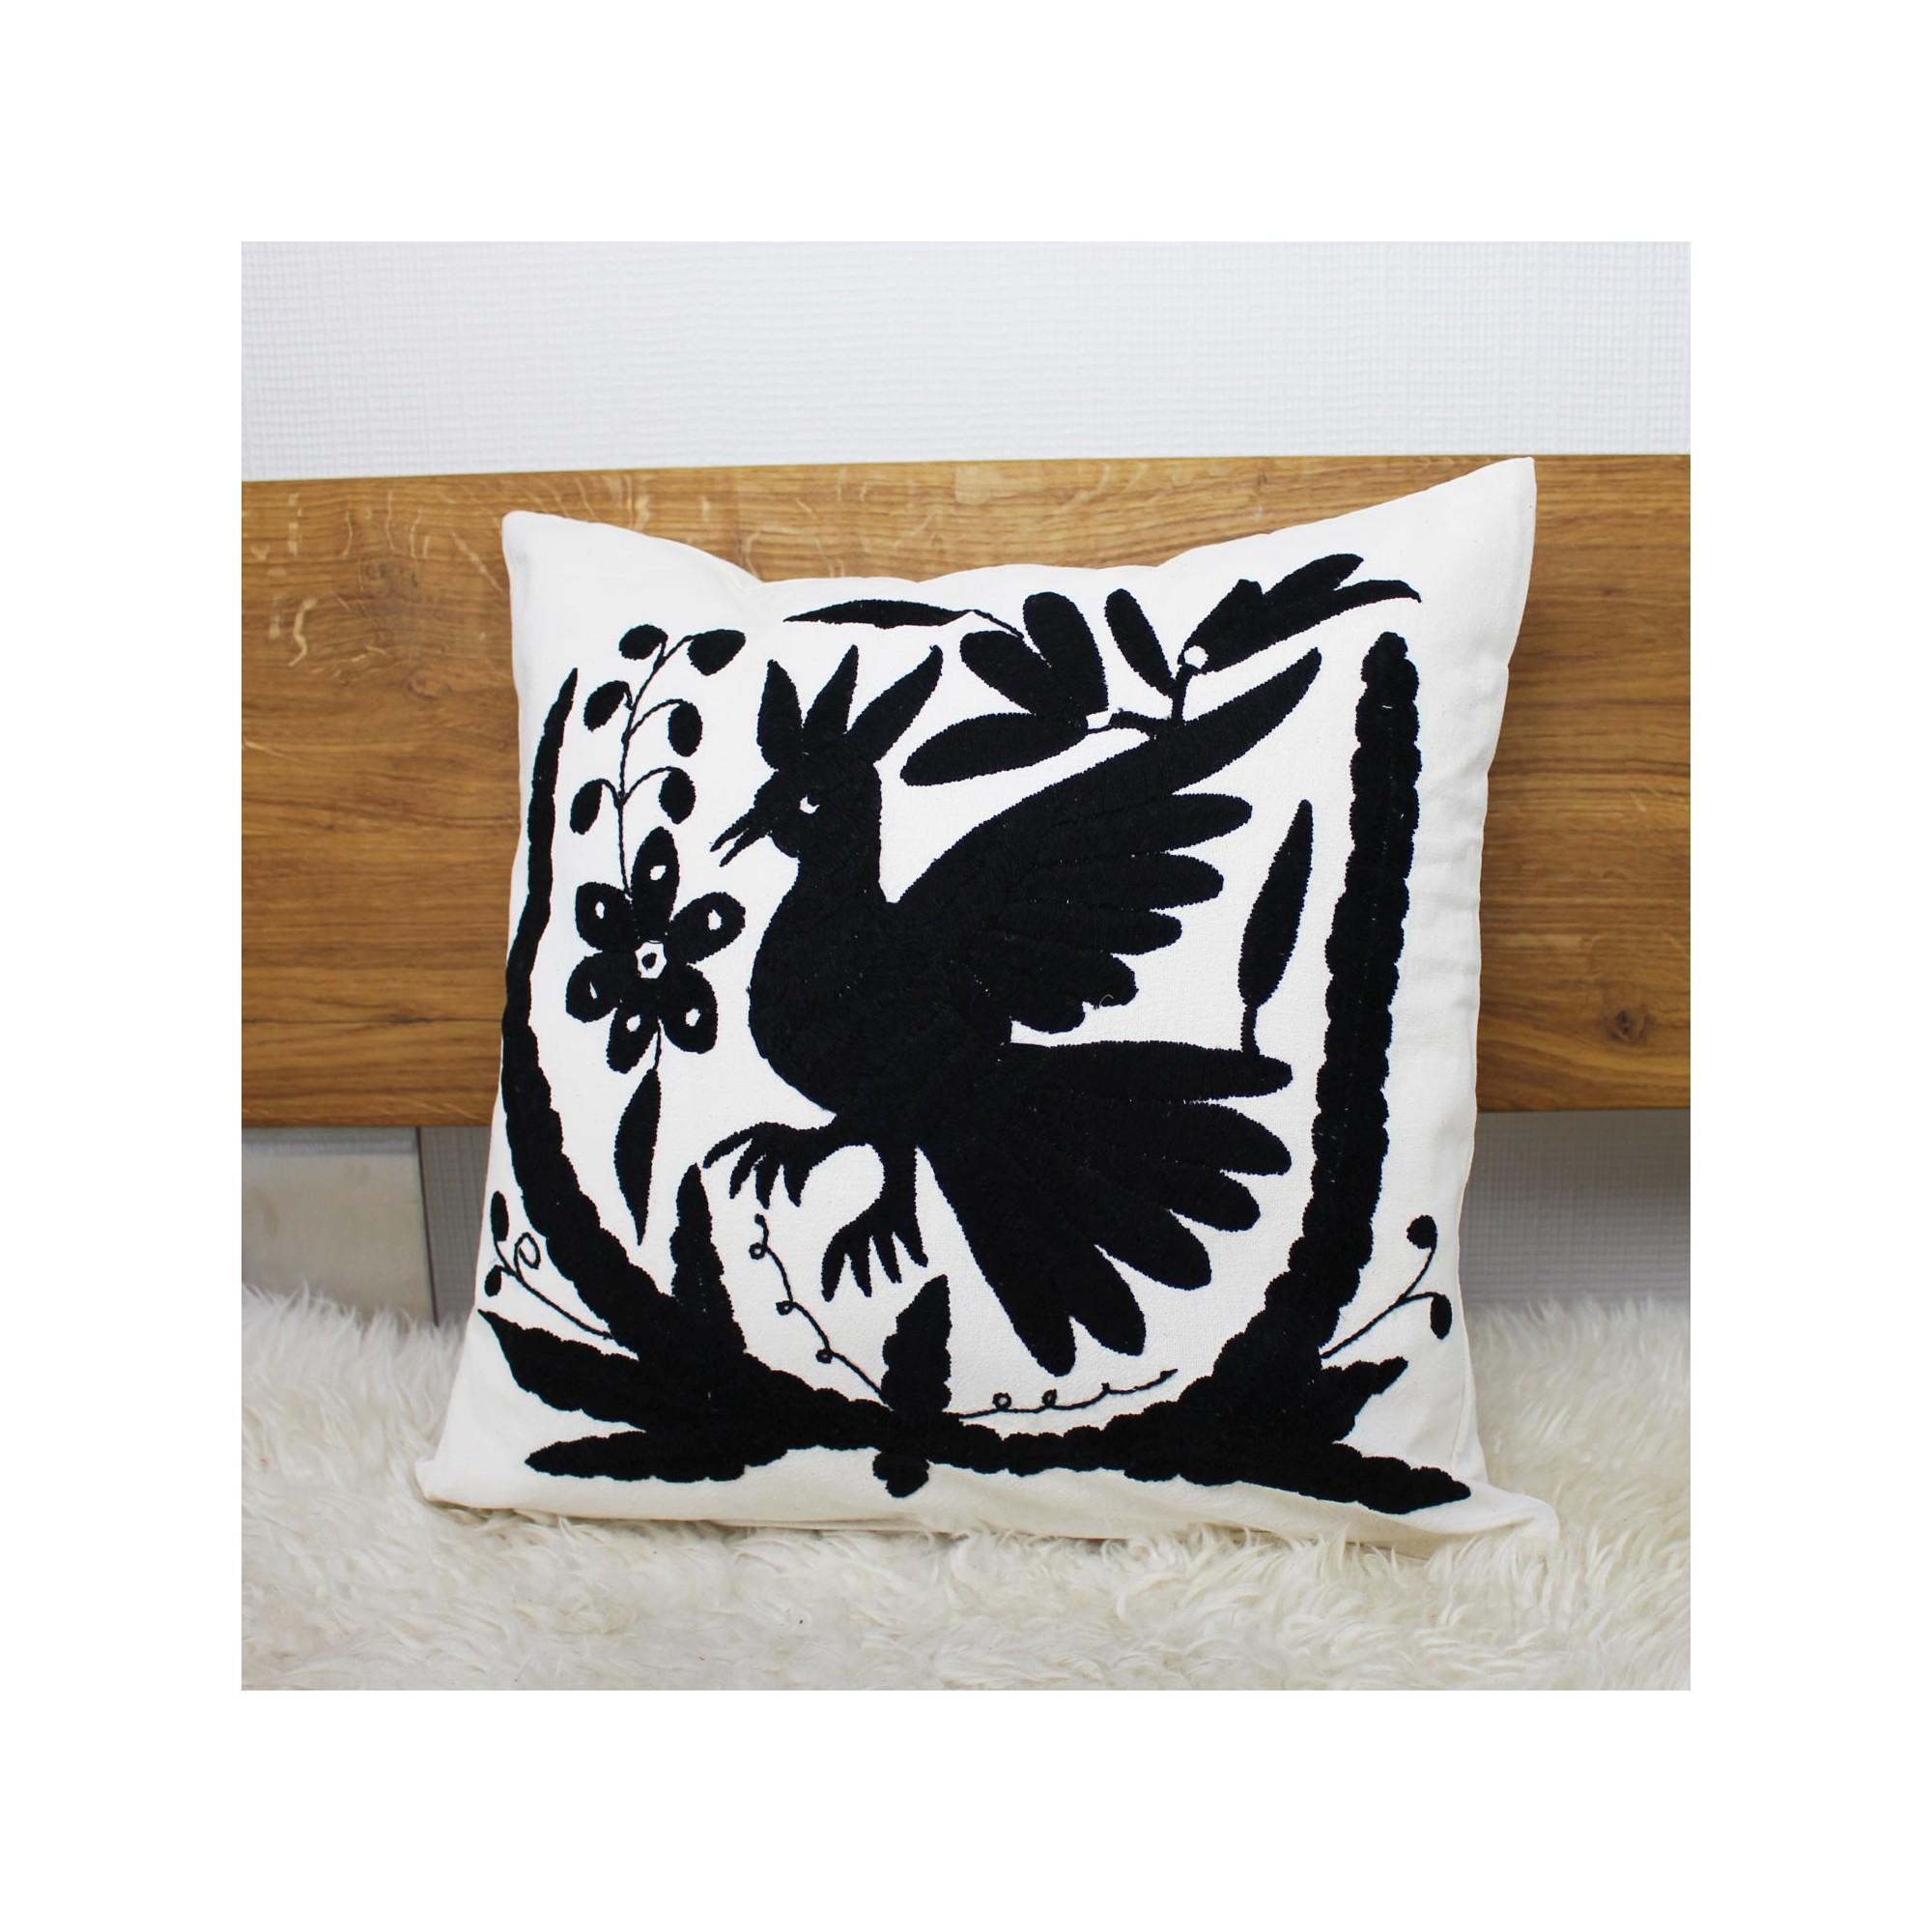 sofakissen vogel schwarz deko kissen 40x40 kaufen. Black Bedroom Furniture Sets. Home Design Ideas